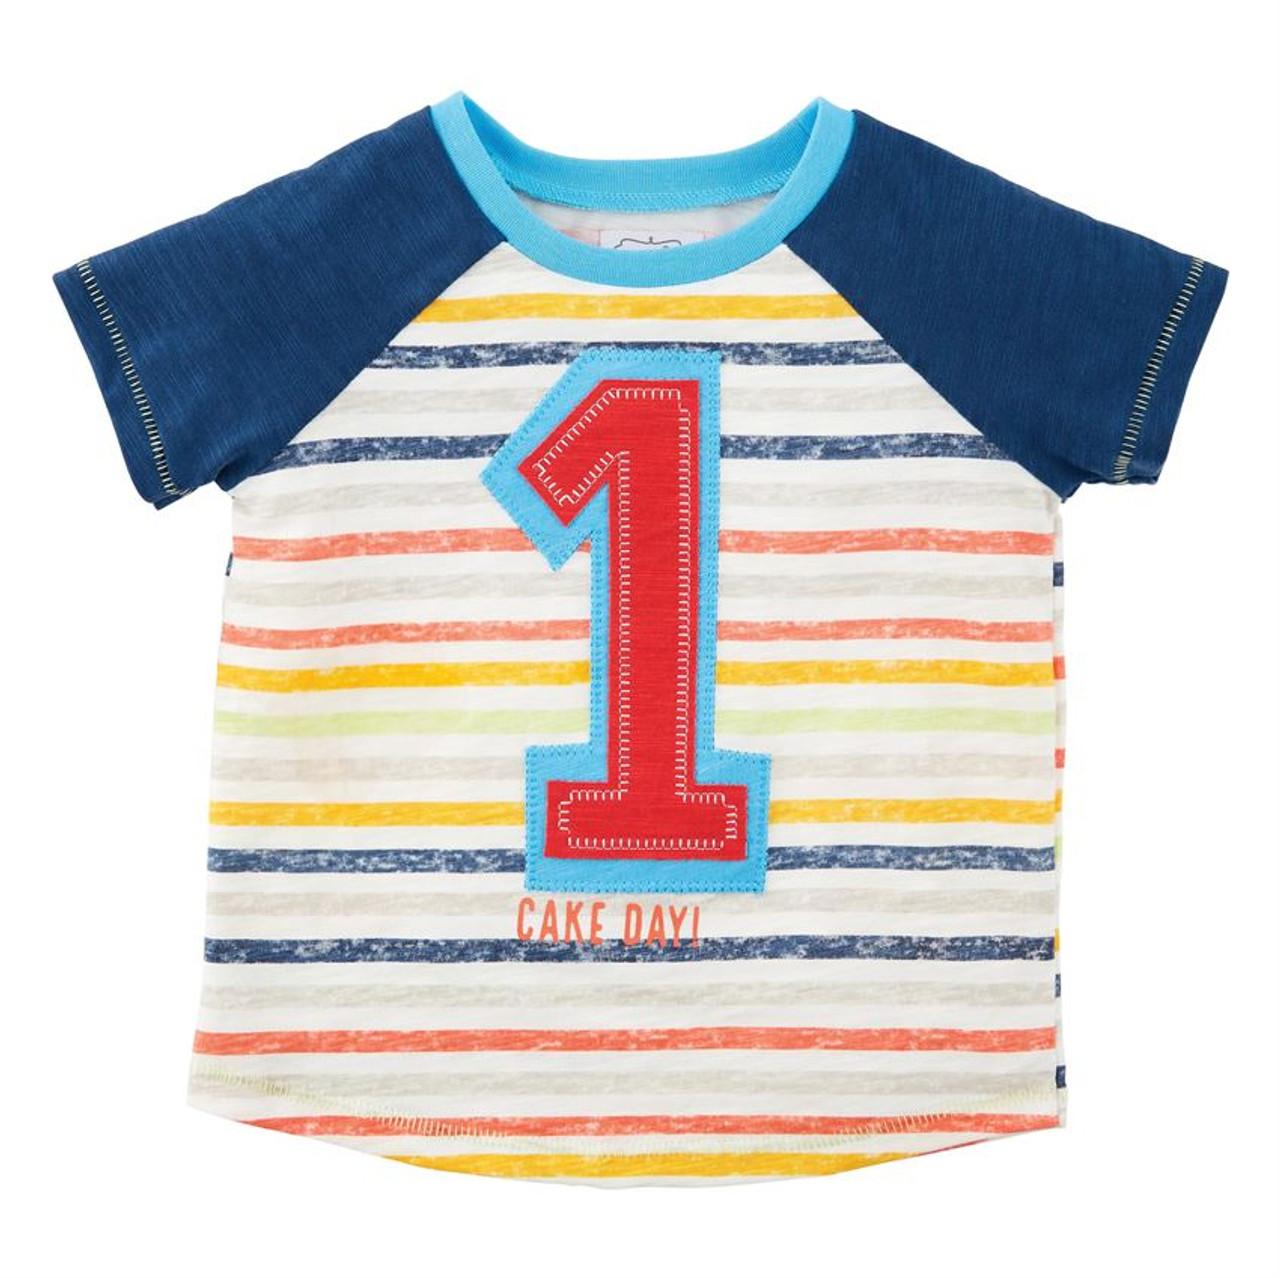 Mud Pie Boy Birthday Shirt One Brandi S Boutique